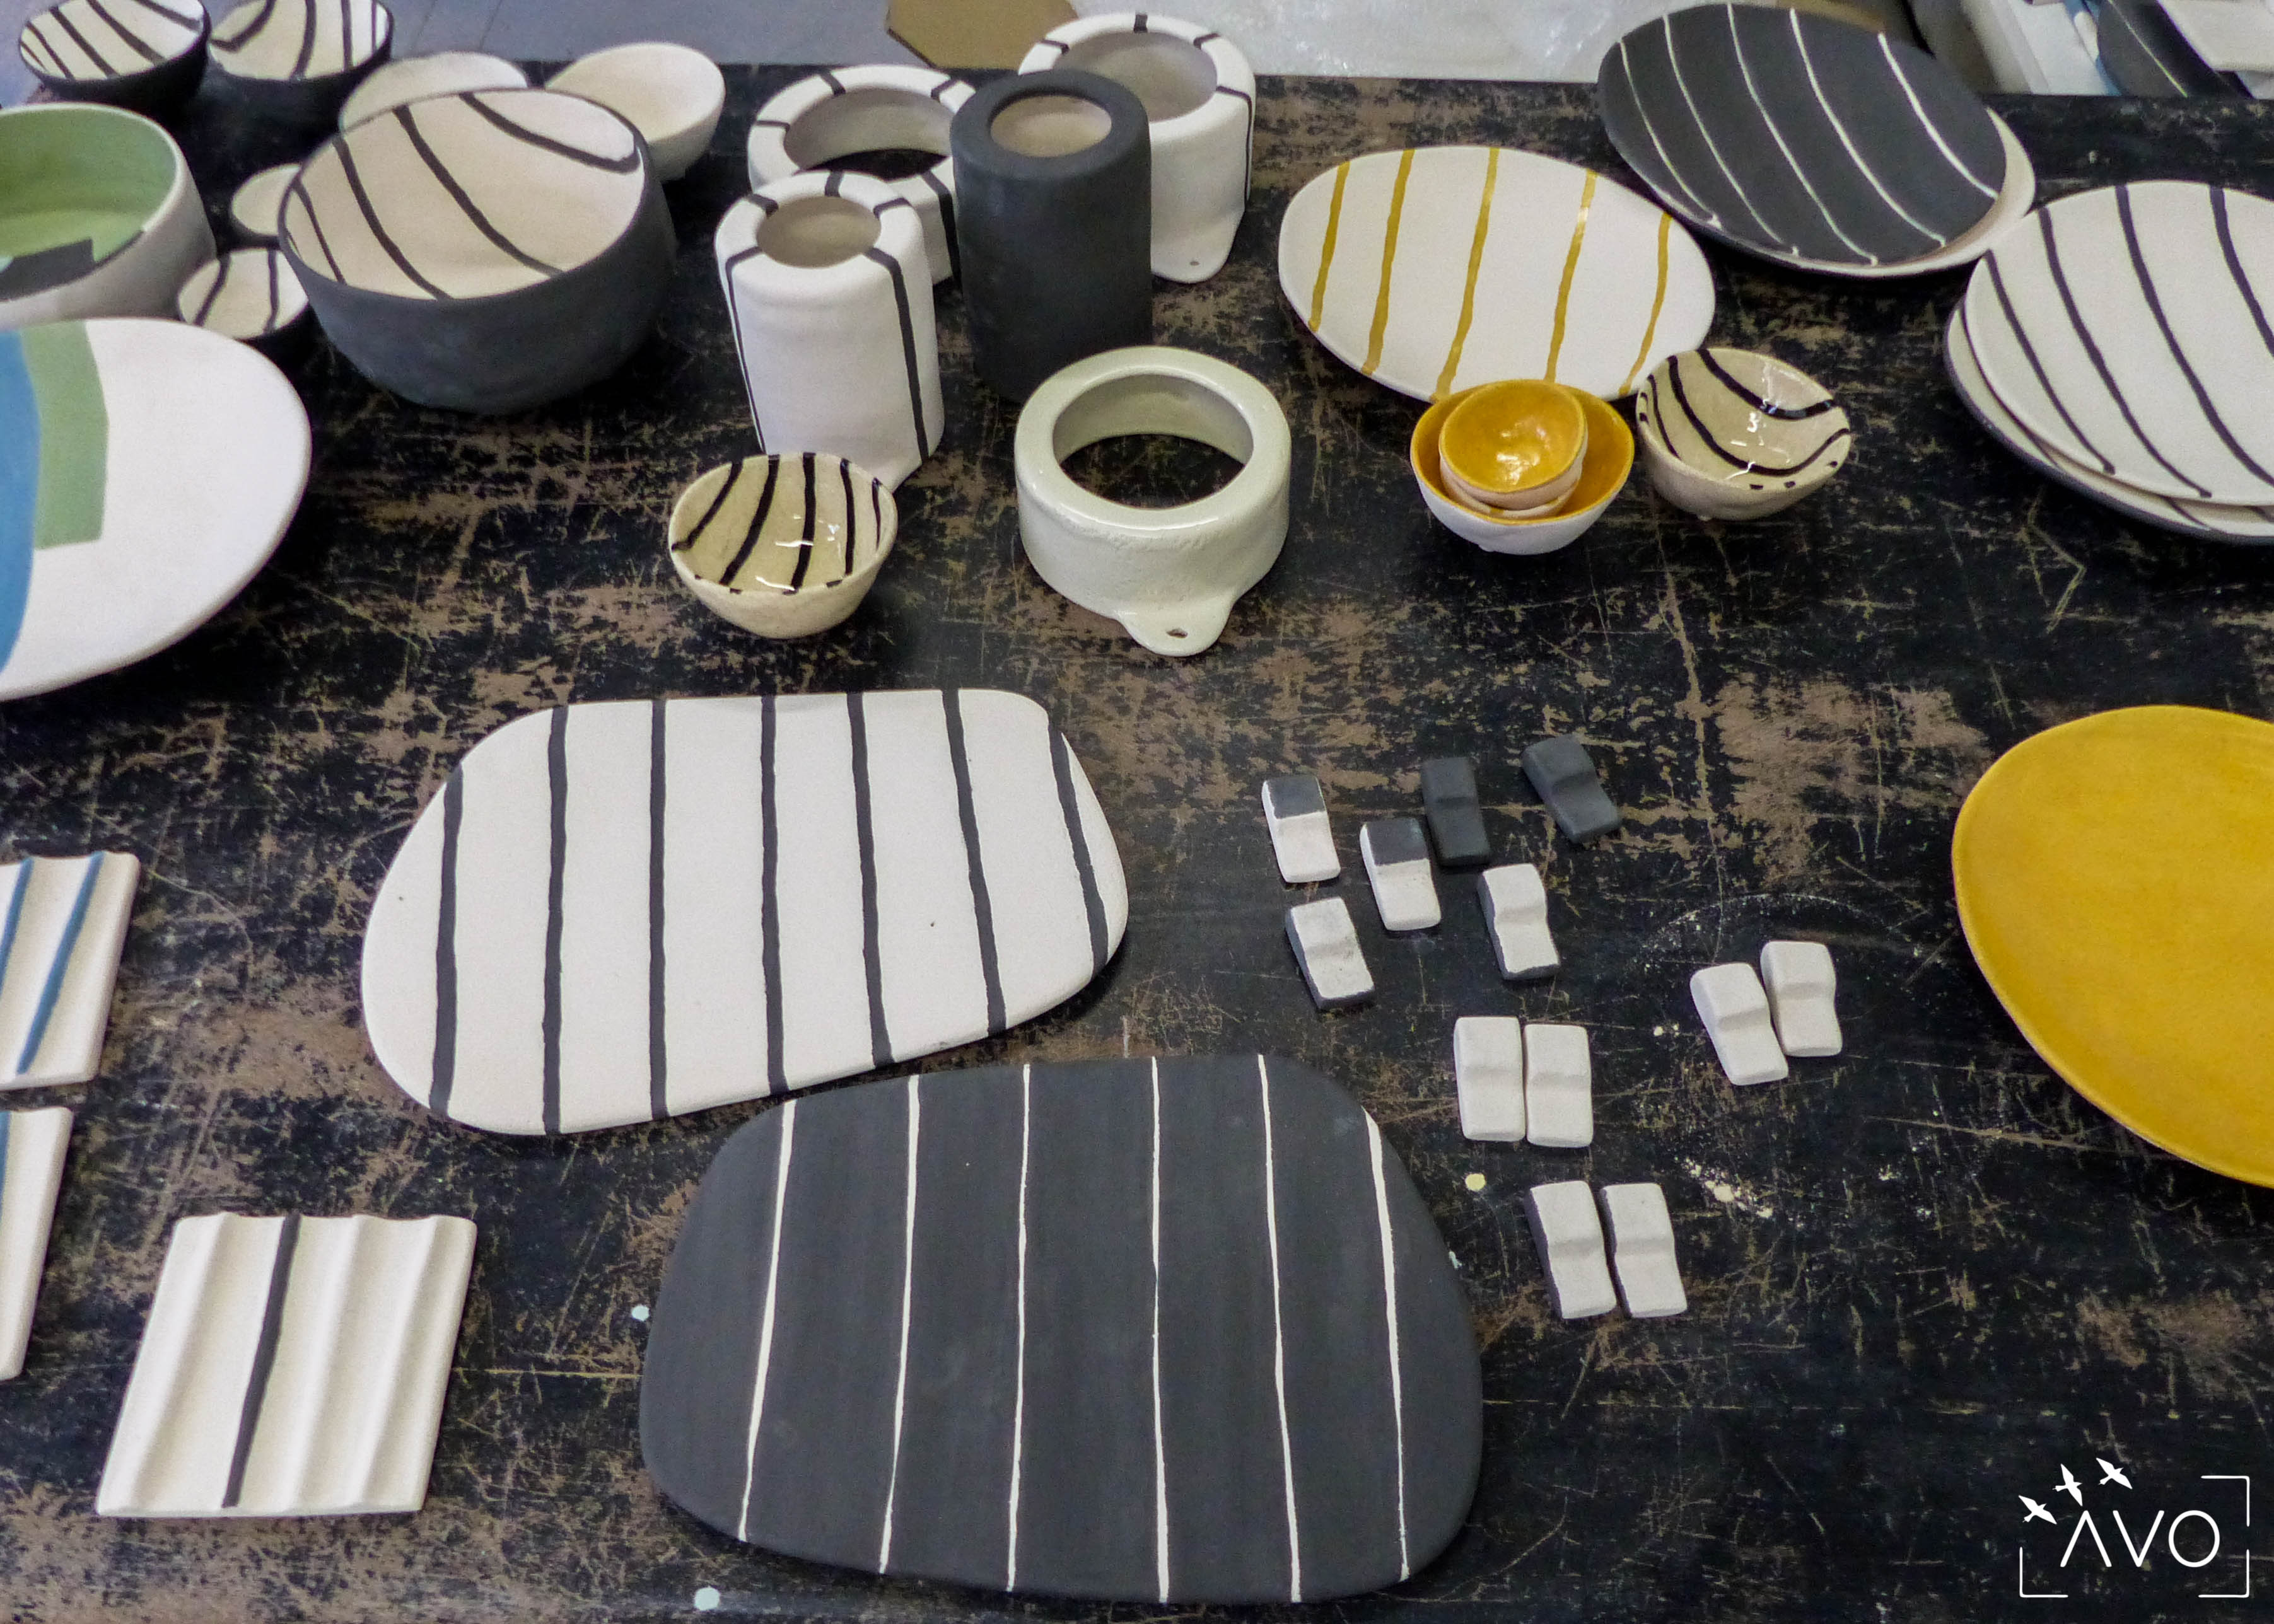 savoir-faire-ceramique-faience-decoration-bol-plat-creatrice-colore-email-terre-local-sabine-orlandini-atelier-plan-de-travail